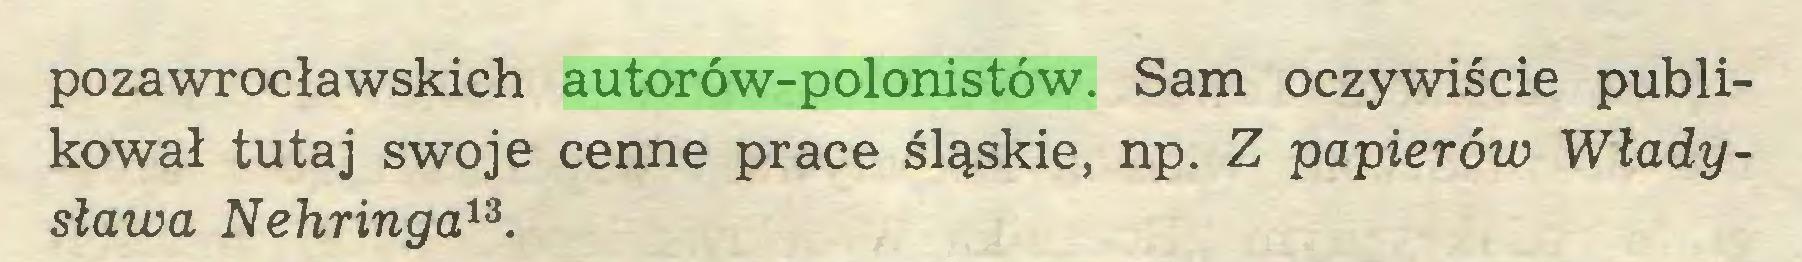 (...) pozawrocławskich autorów-polonistów. Sam oczywiście publikował tutaj swoje cenne prace śląskie, np. Z papierów Władysława Nehringa13...